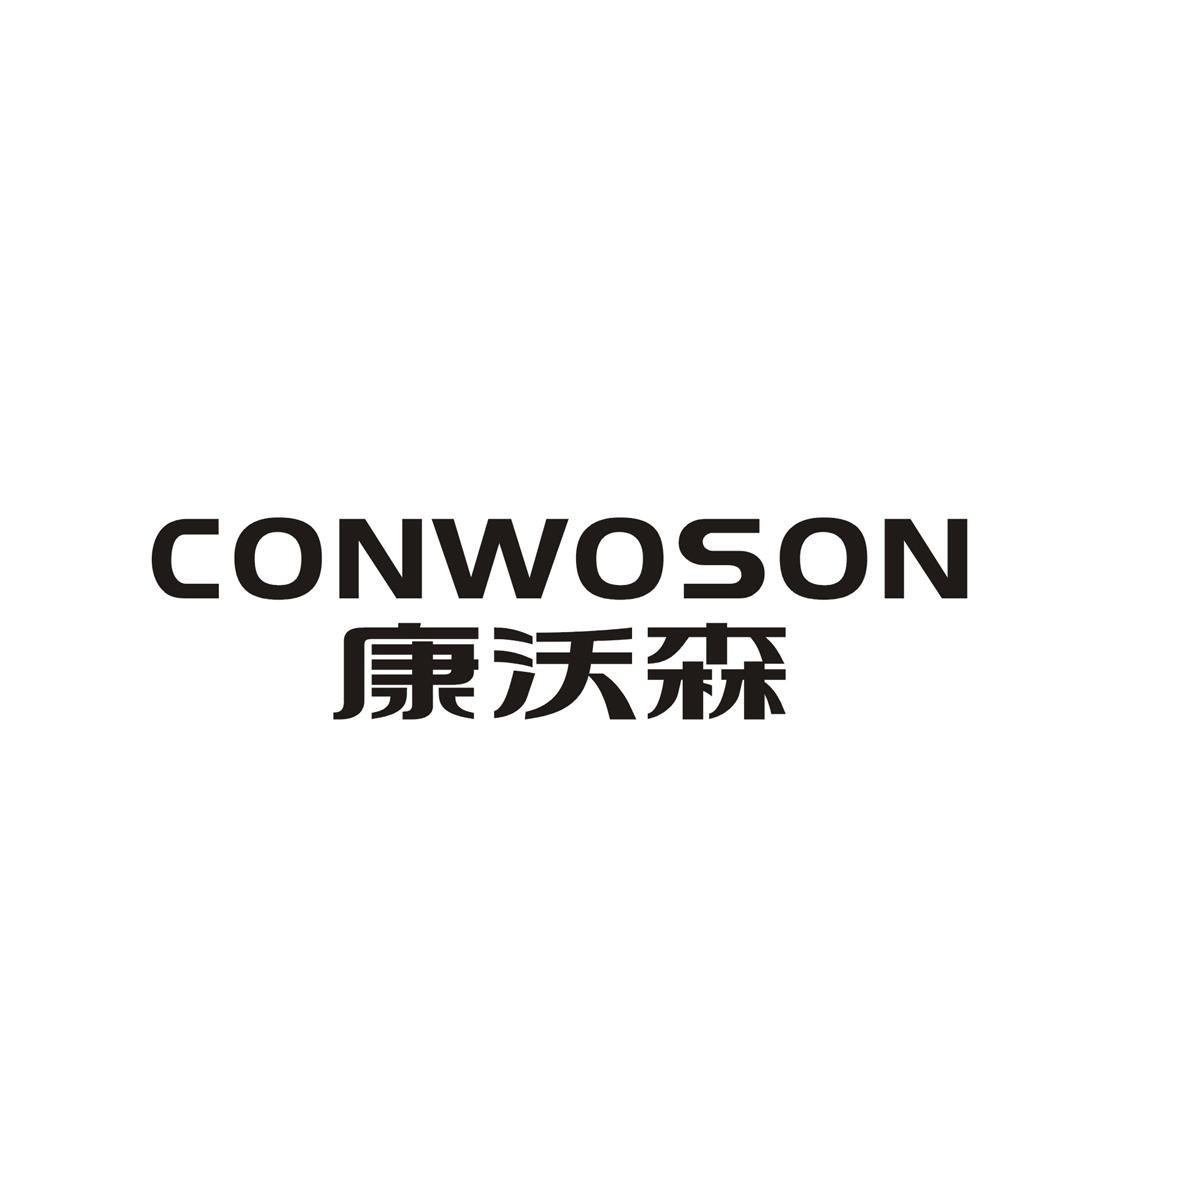 转让商标-康沃森 CONWOSON